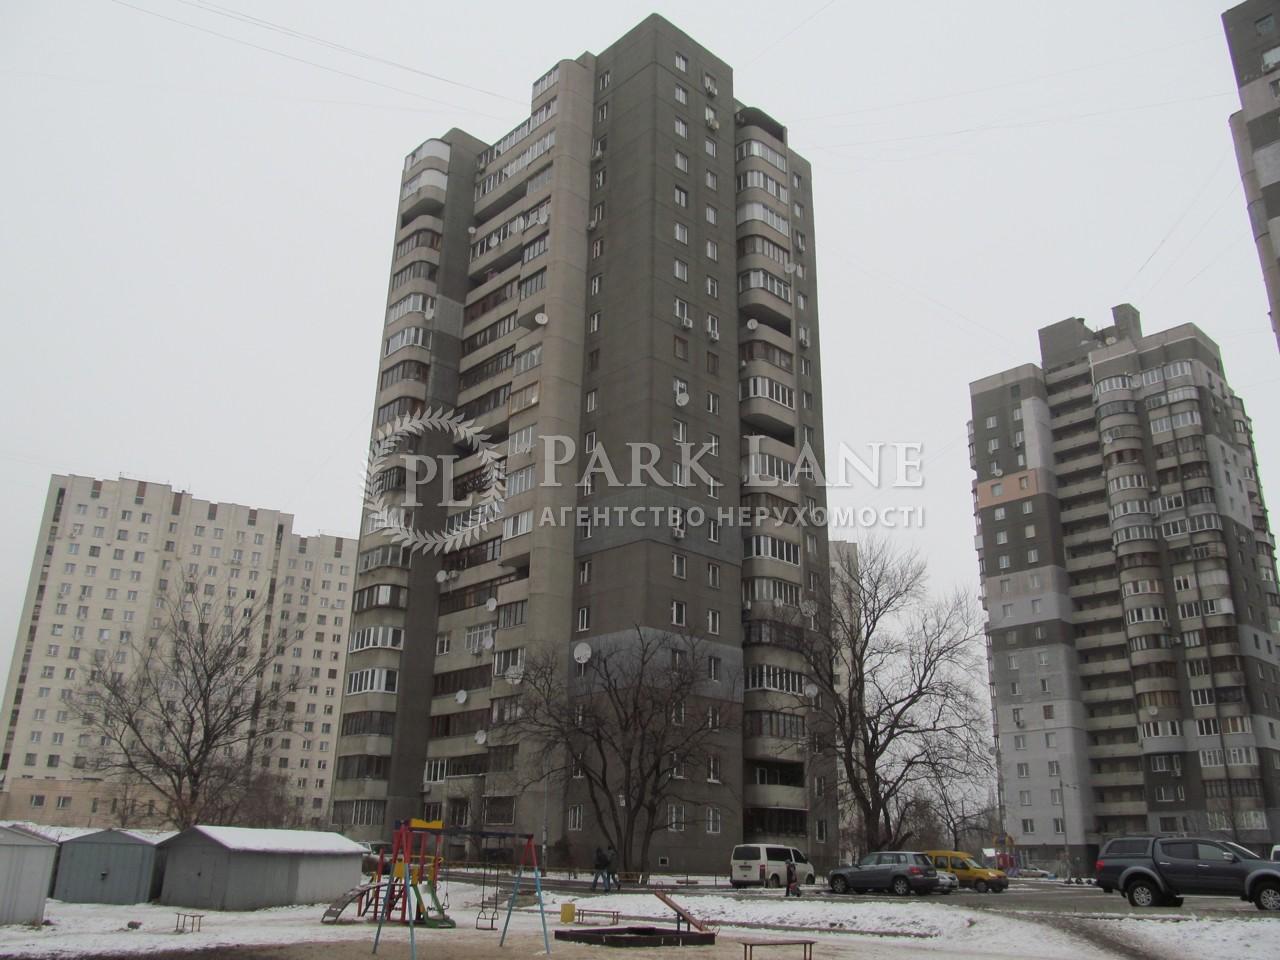 Квартира ул. Азербайджанская, 16/4, Киев, Q-321 - Фото 1